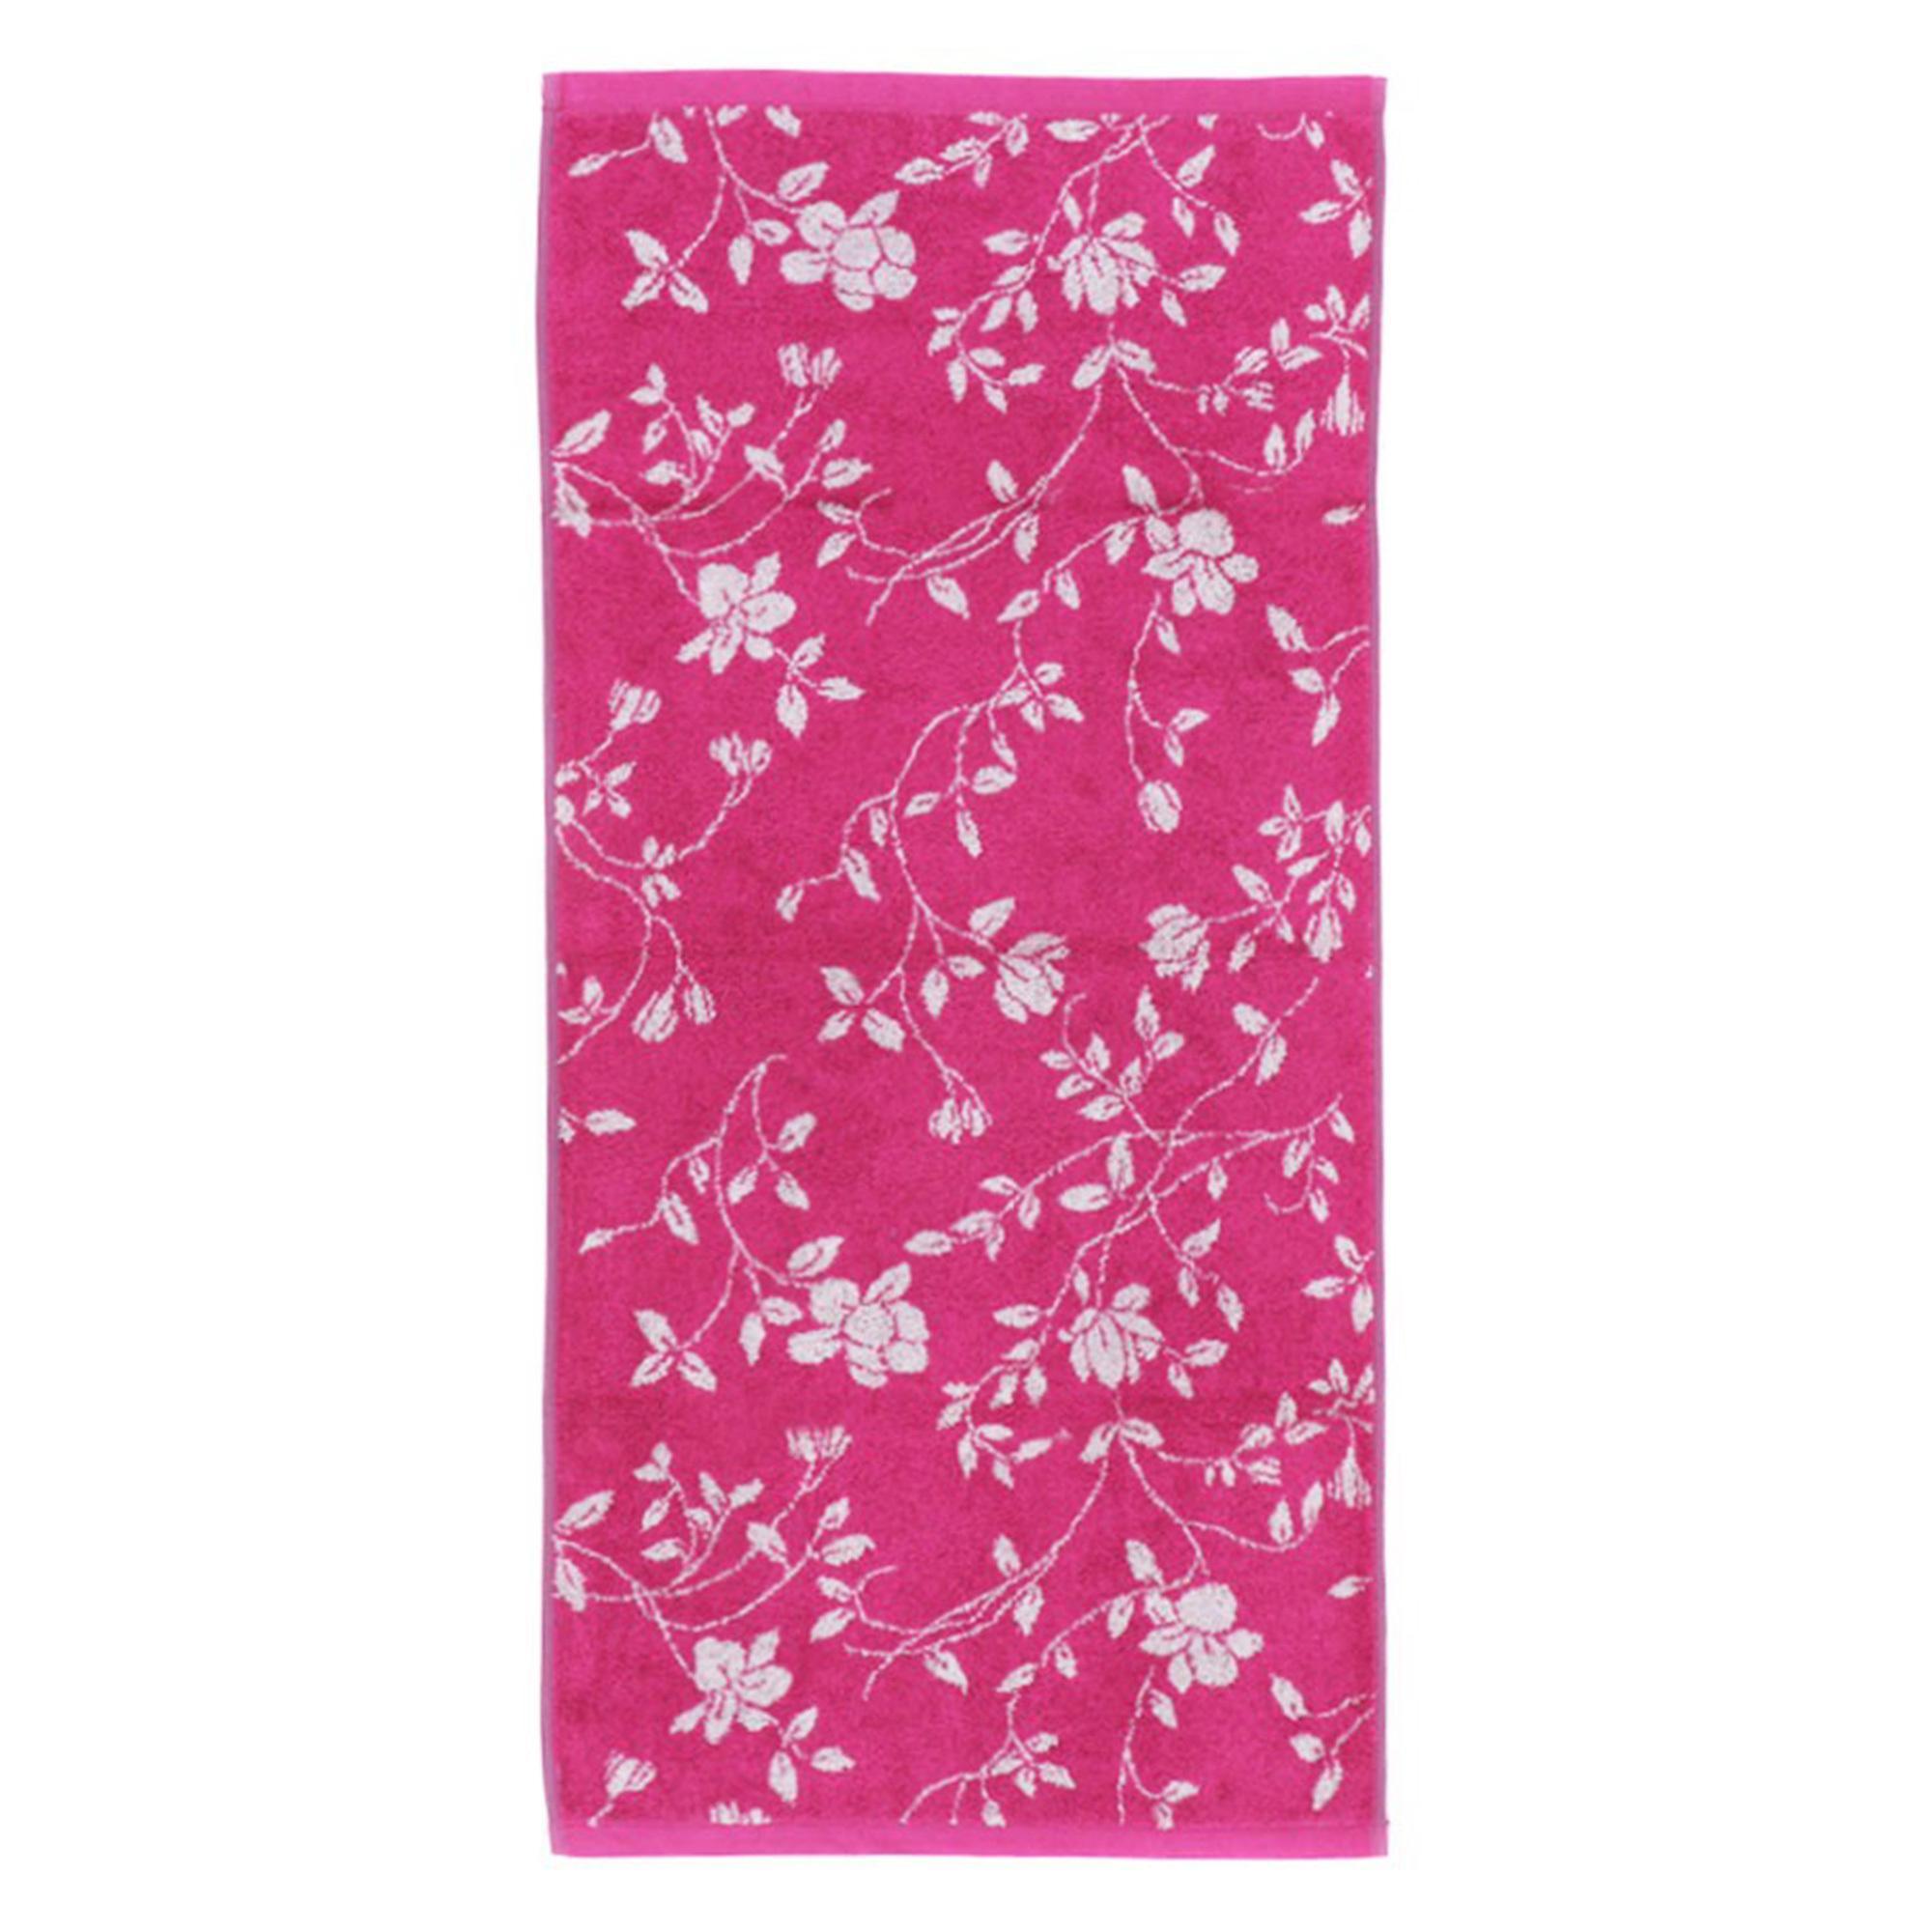 drap de bain 100x150 cm coton floral rose linnea linge de maison et. Black Bedroom Furniture Sets. Home Design Ideas